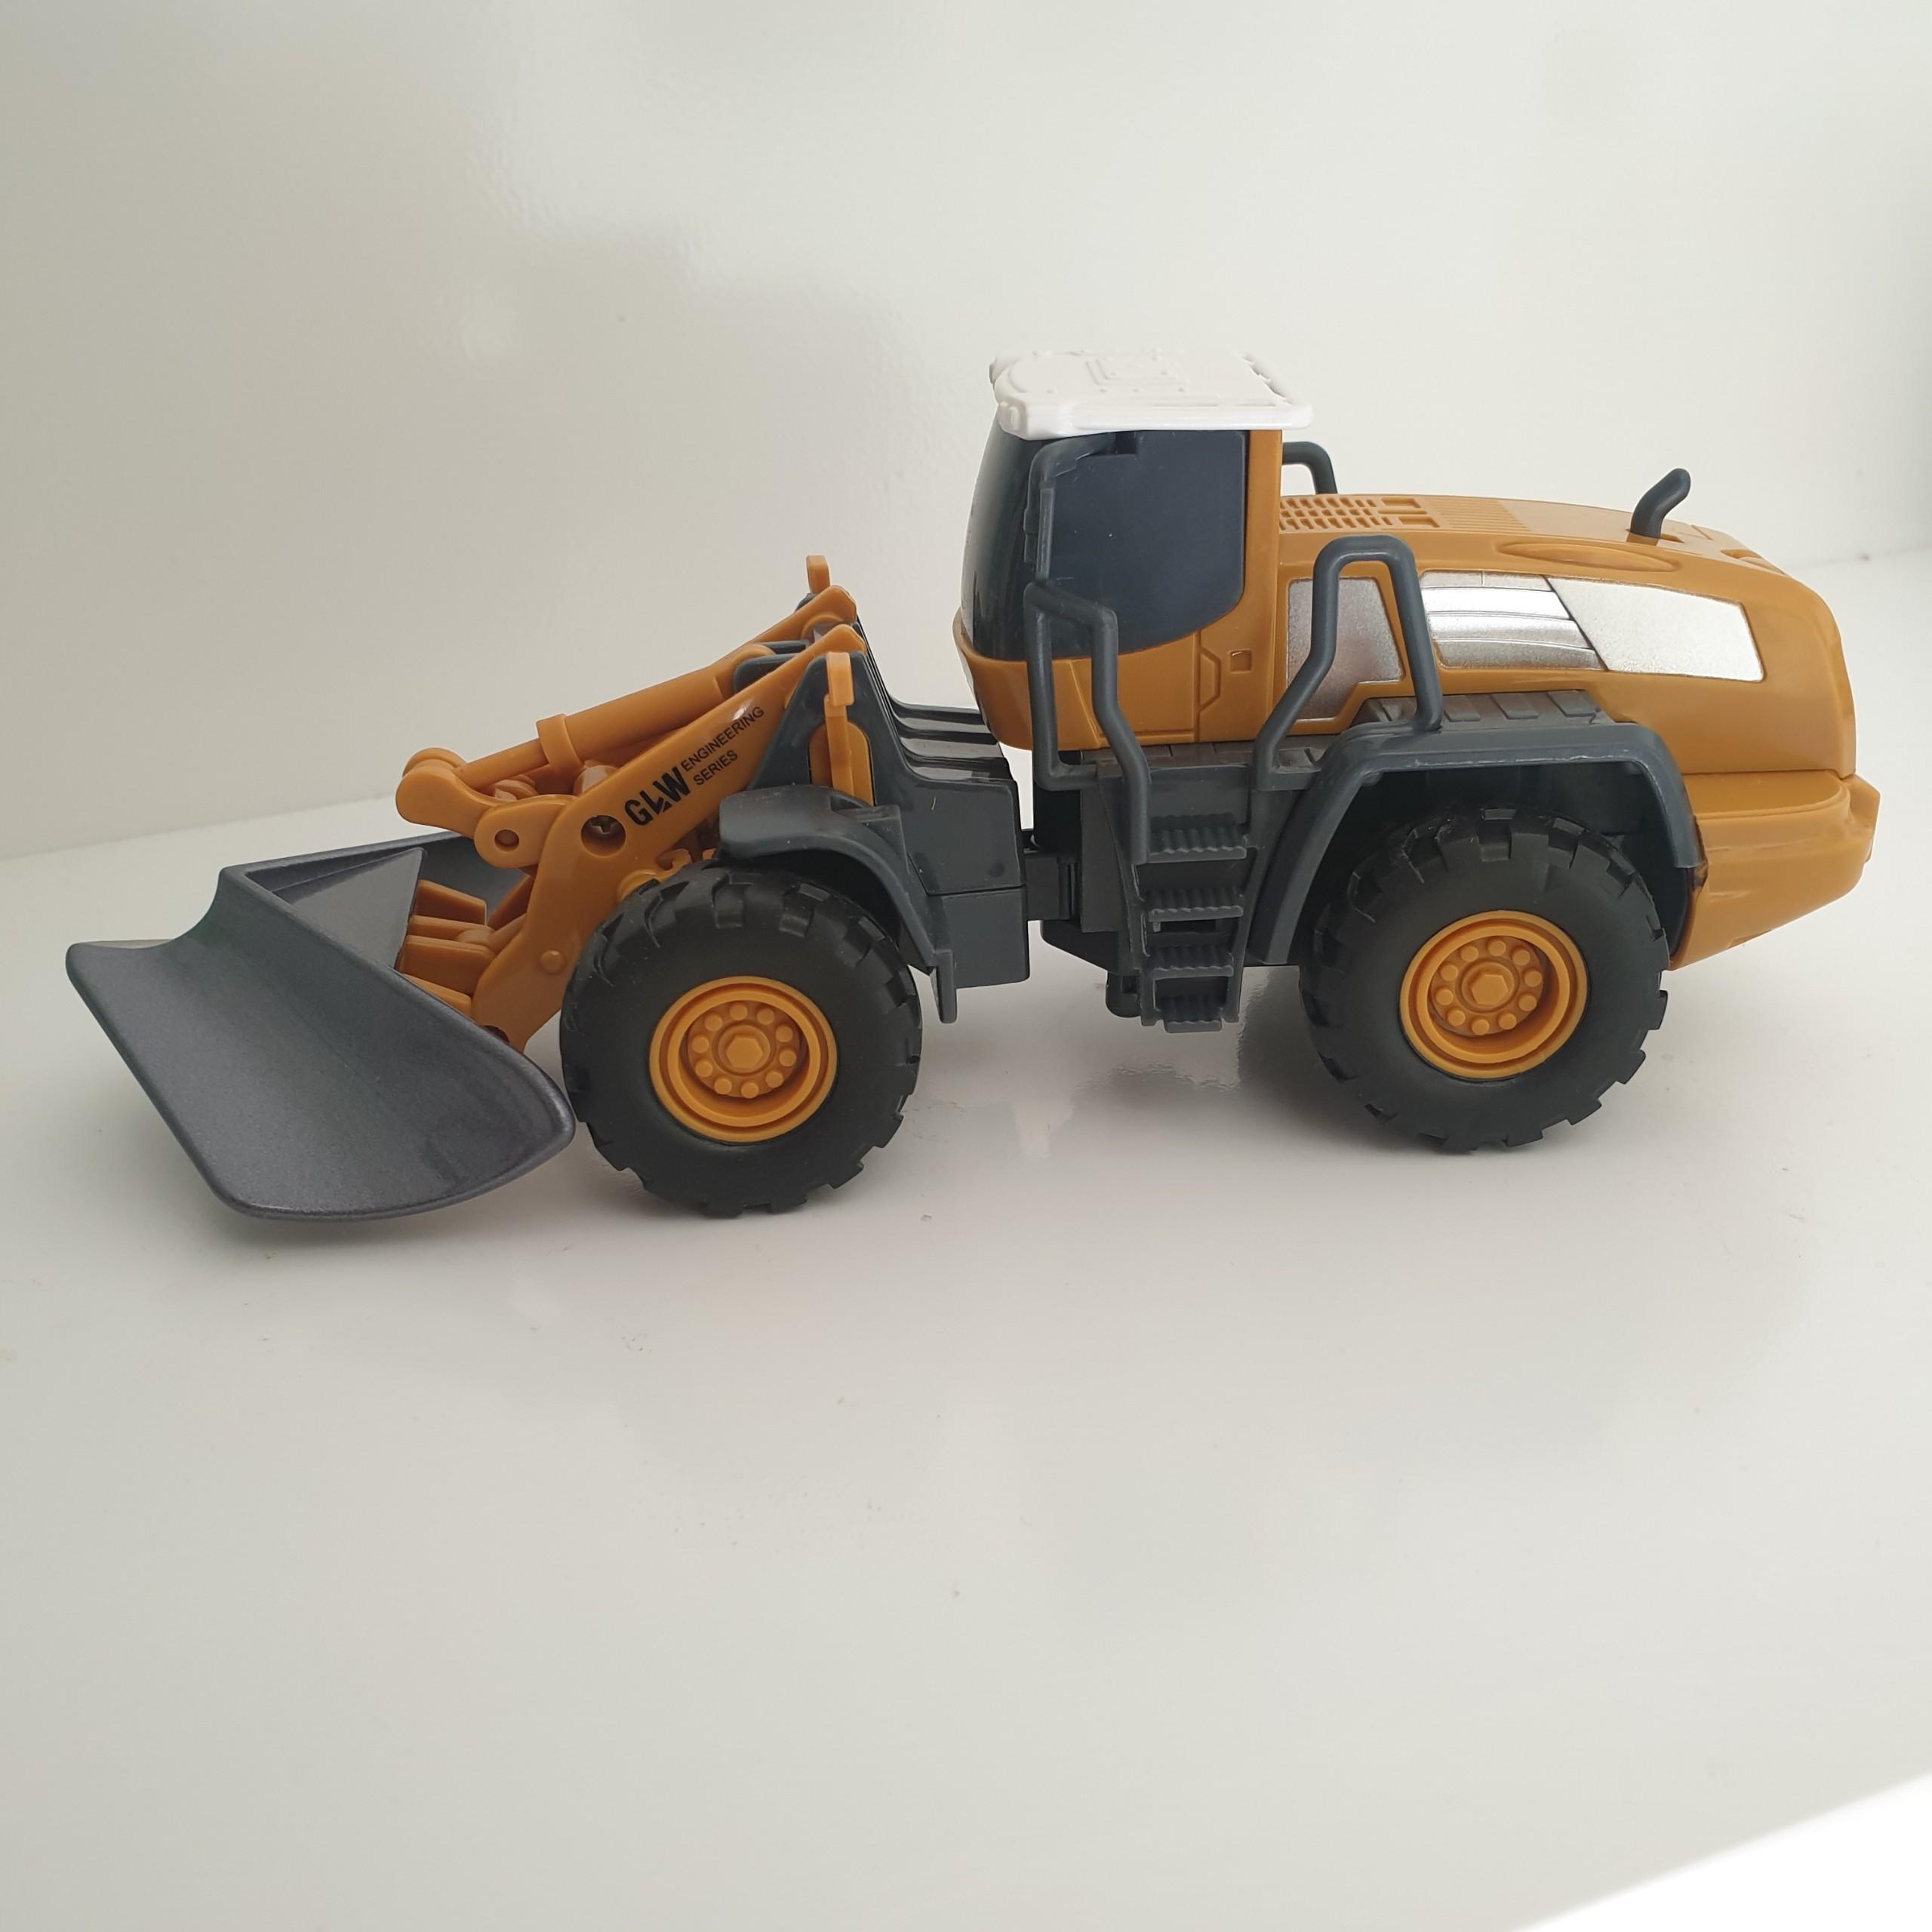 Đồ chơi mô hình xe lu KAVY NO.8810 chất liệu nhựa hợp kim và nhựa nguyên sinh an toàn chi tiết sắc sảo